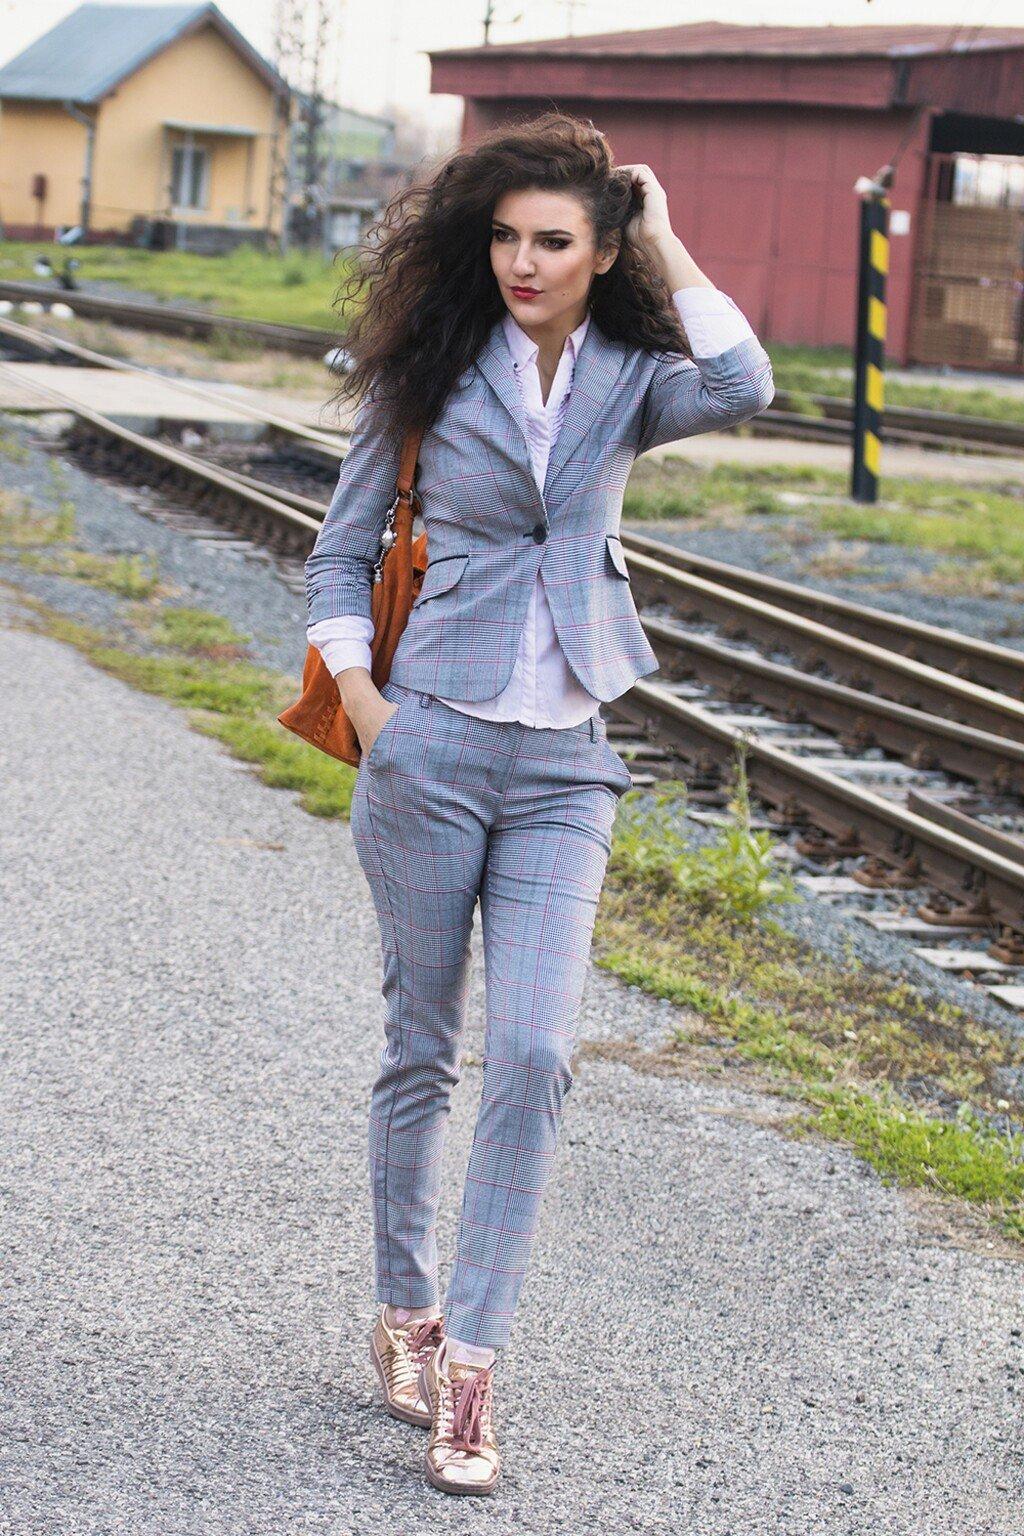 867f6cf8d964 Károvaný šedý nohavicový kostým - unikátny skvost každej ...